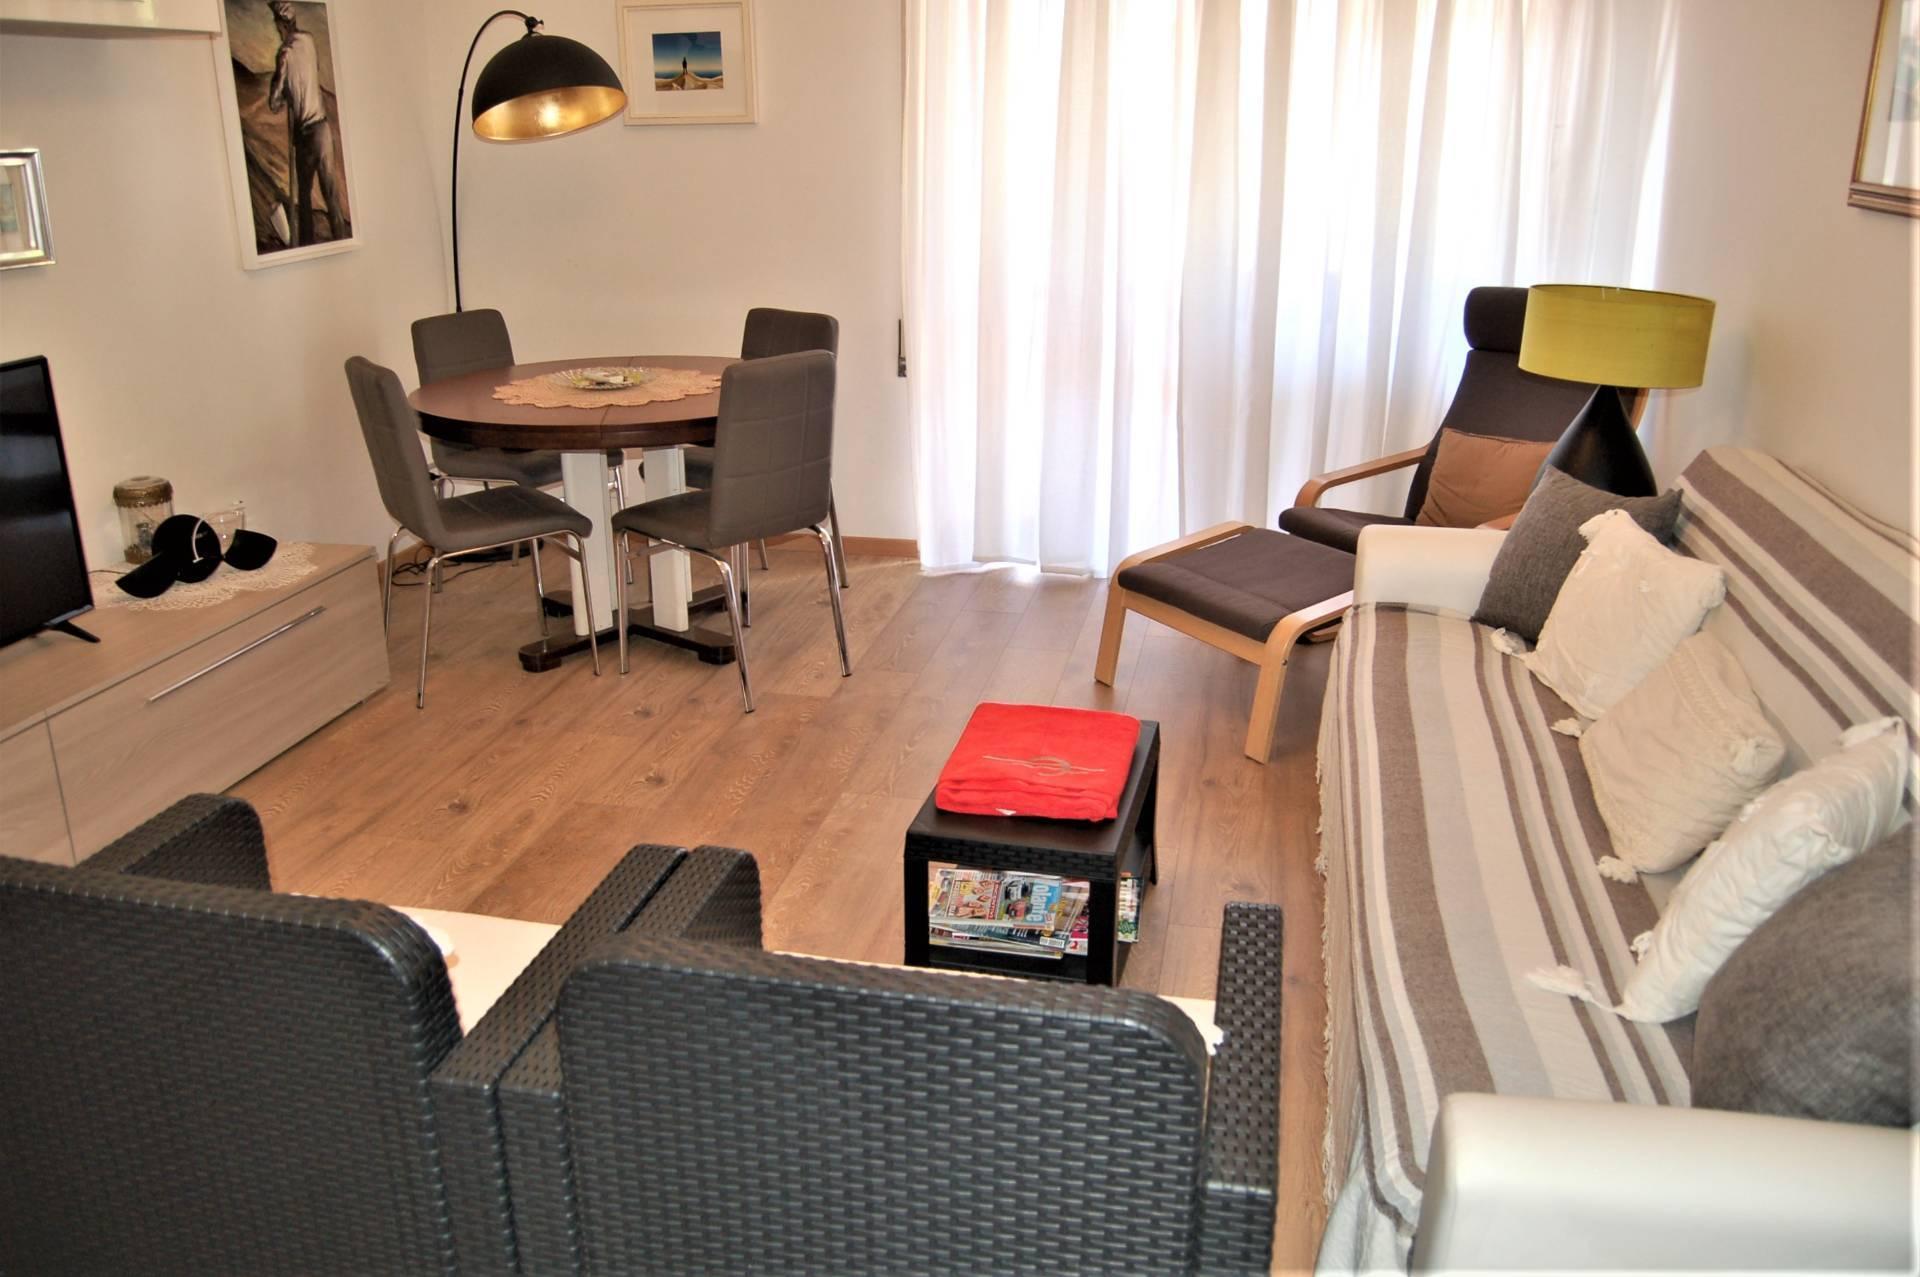 Appartamento in vendita a Tarquinia, 4 locali, zona Località: LidodiTarquinia, prezzo € 155.000 | PortaleAgenzieImmobiliari.it